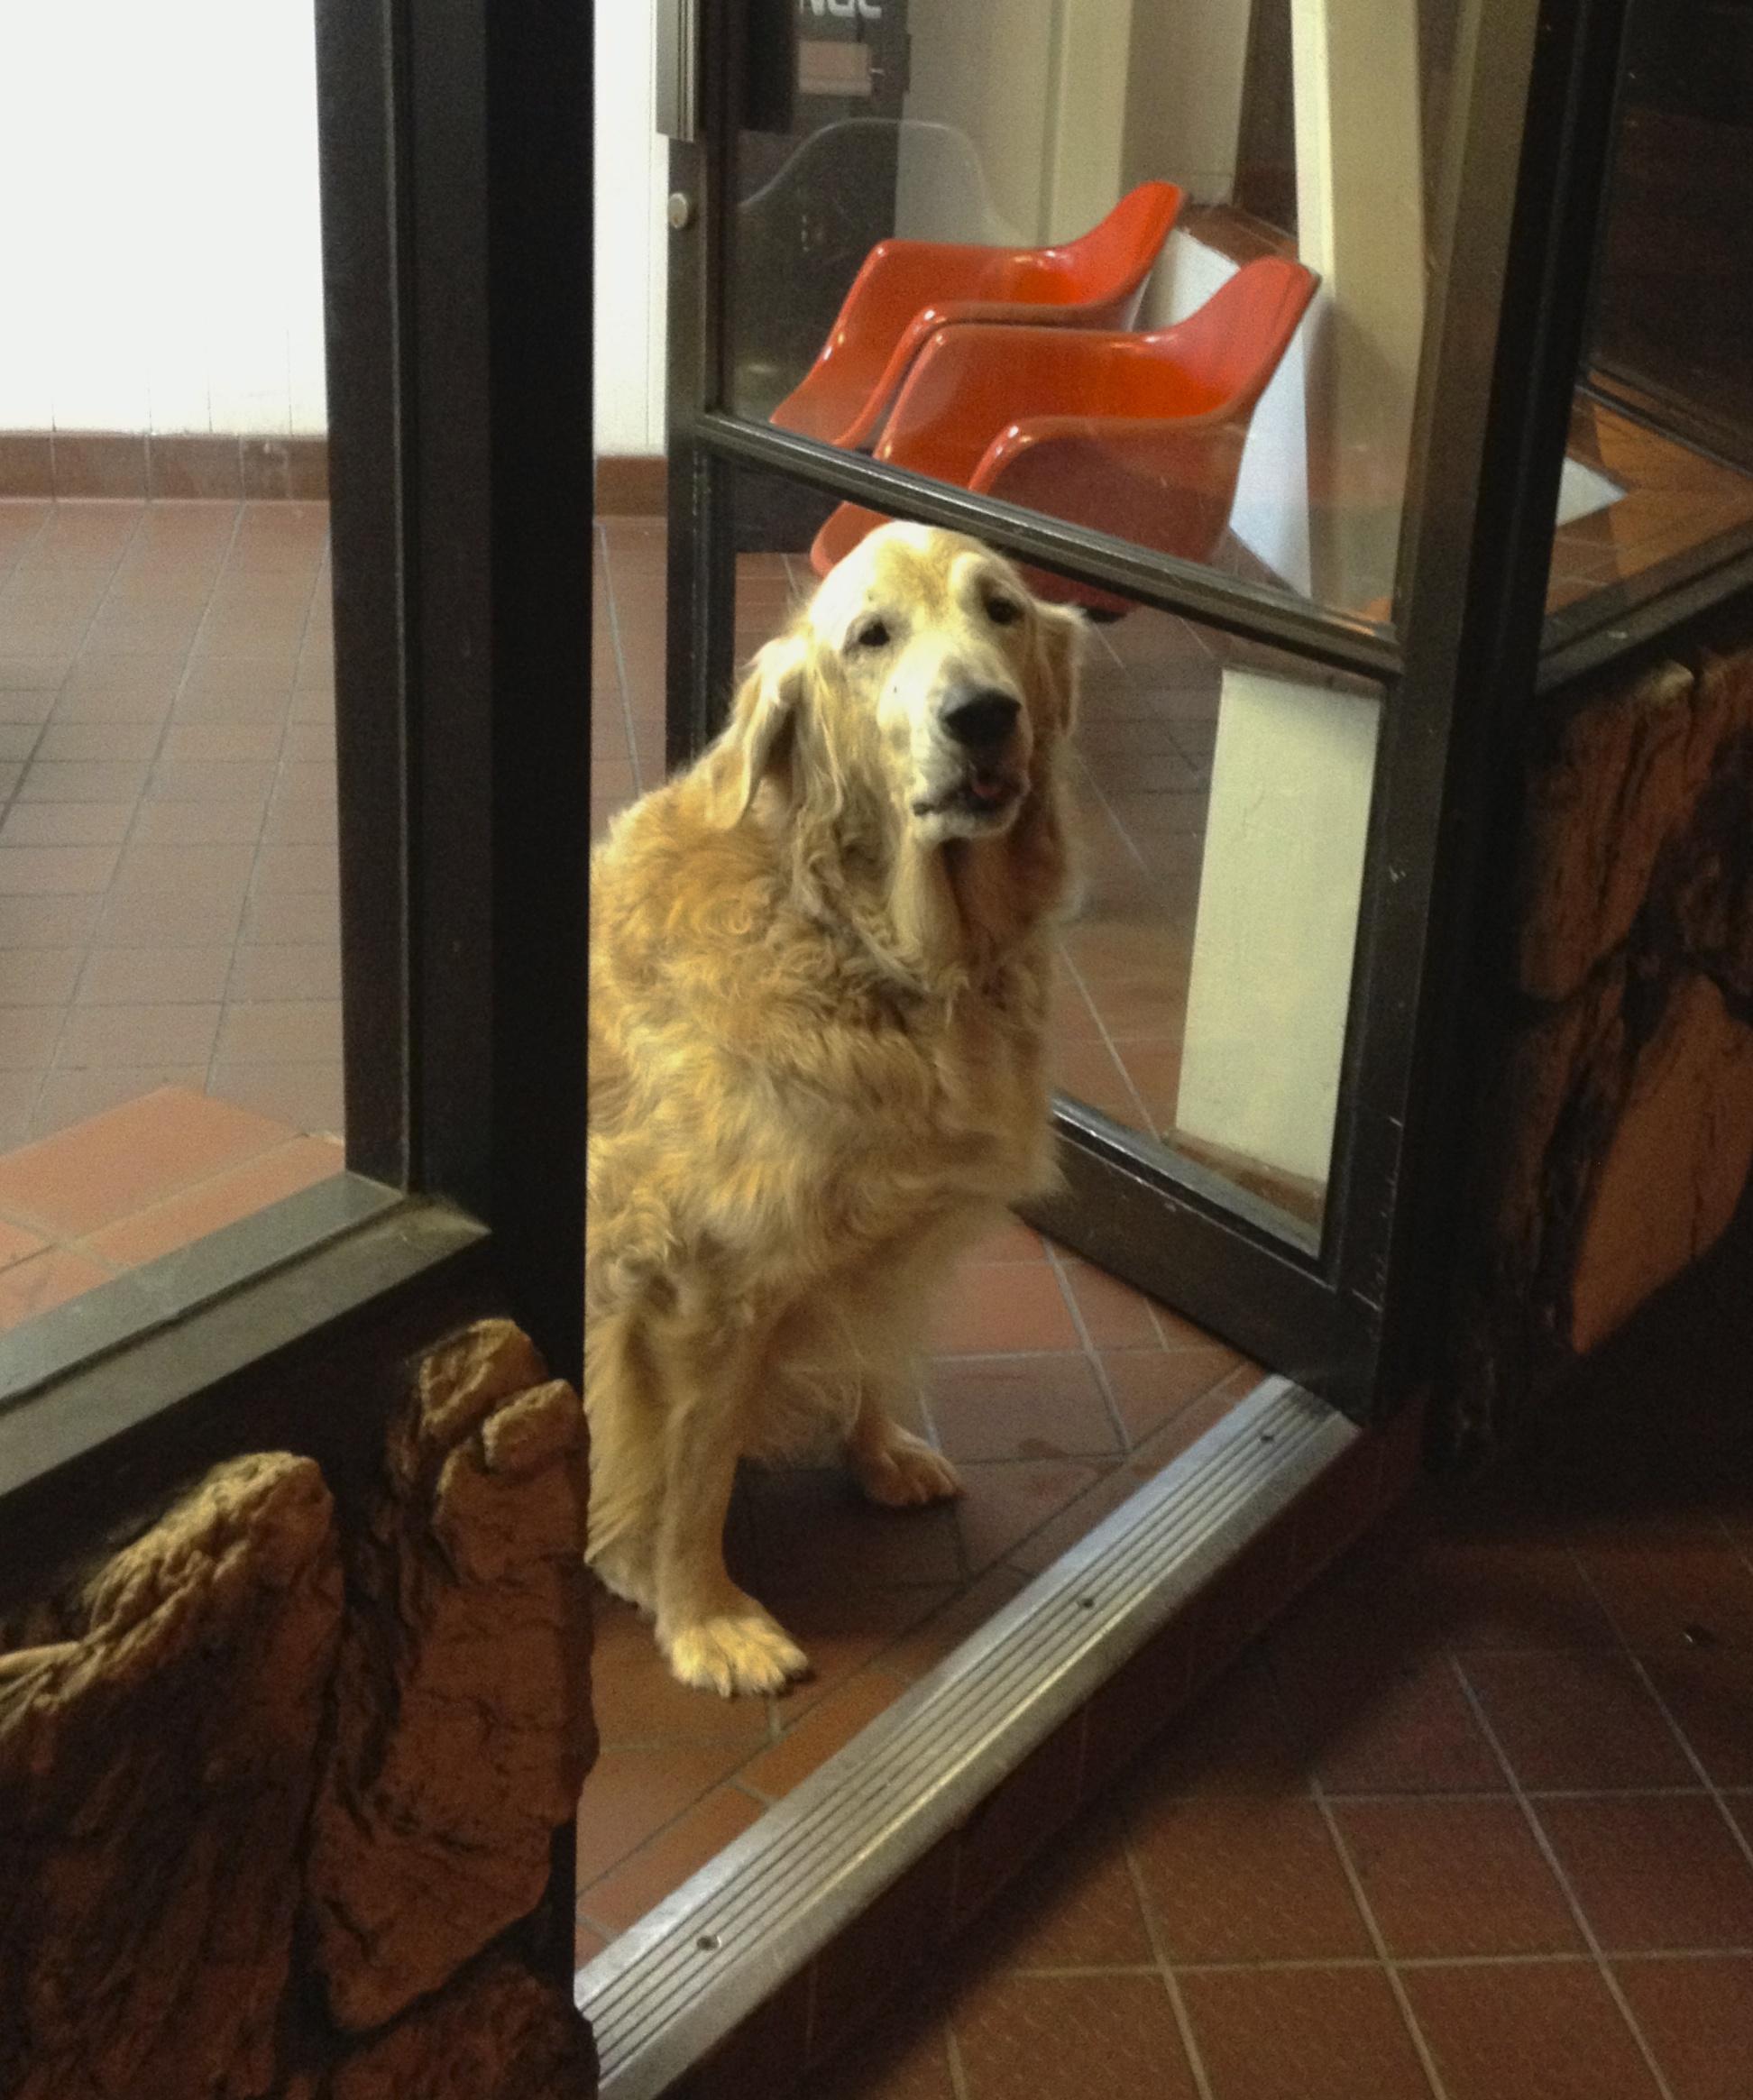 Zachary, AKA Laundry Dog, the Golden Retriever